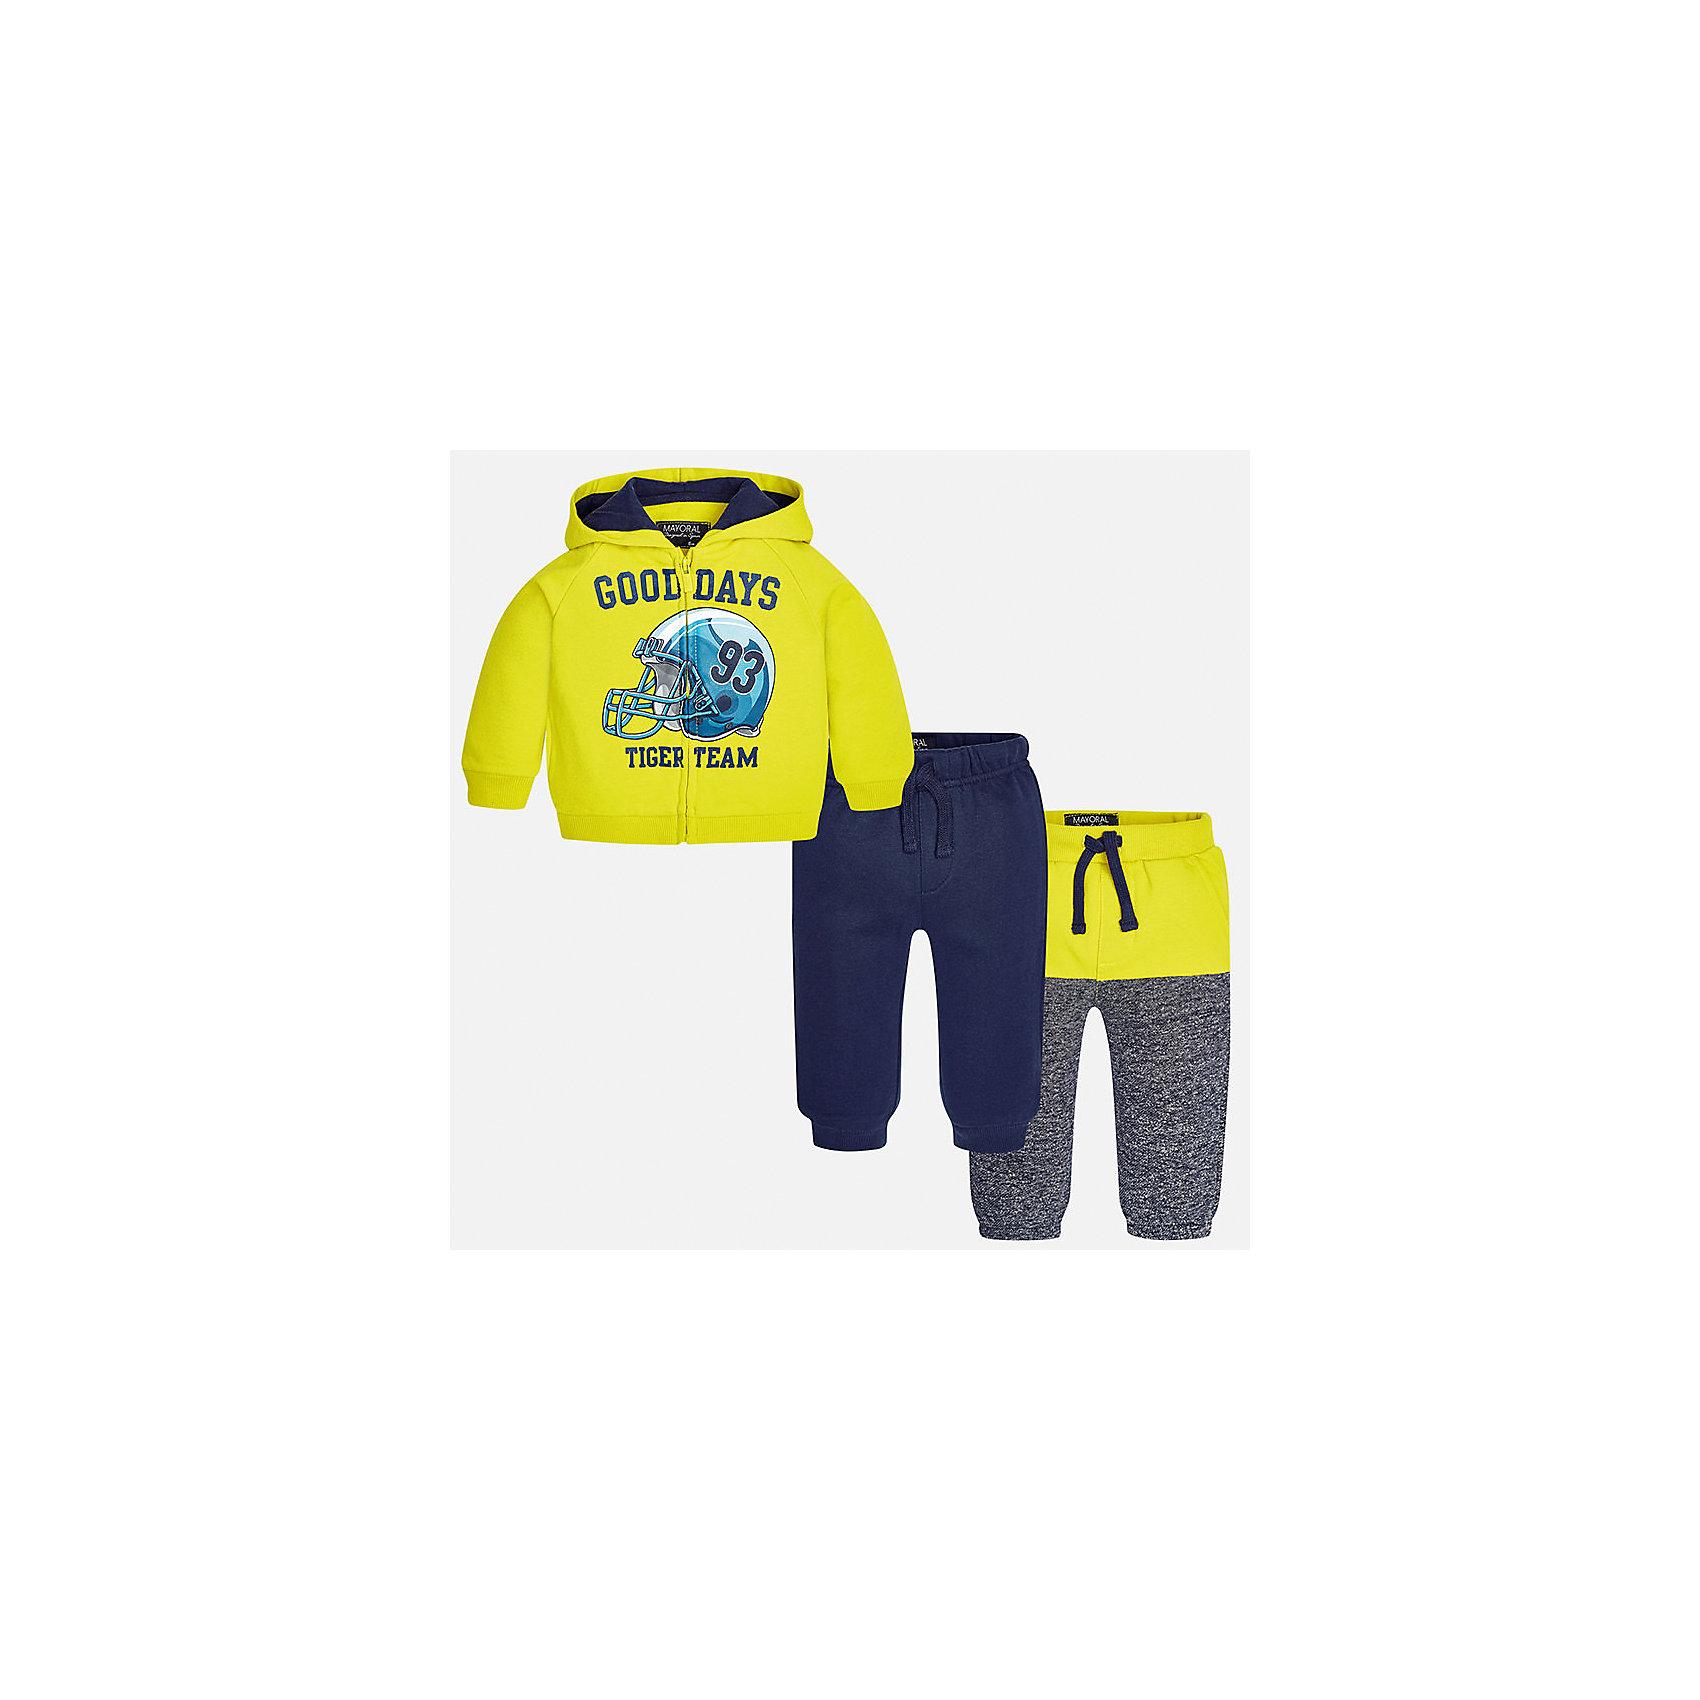 Спортивный костюм для мальчика MayoralКомплекты<br>Характеристики товара:<br><br>• цвет: желтый/синий/серый;<br>• состав ткани: 60% хлопок, 40% полиэстер;<br>• комплект: толстовка, брюки - 2 шт.;<br>• сезон: демисезон;<br>• страна бренда: Испания;<br>• страна изготовитель:Китай.<br><br>Спортивный костюм для мальчика от популярного бренда Mayoral. Теплый спортивный костюм дополнен дополнительными брюками с манжетами, пояс на резинке с кулиской. Толстовка на молнии с аппликацией и  капюшоном, с уплотненной резинкой на талии для хорошей фиксации и воздухопроницаемости.  Спортивный костюм - отличный выбор для прогулок и активного отдыха, а также для  спортивных занятий в школе.<br><br>В одежде от испанской компании Майорал ребенок будет выглядеть модно, а чувствовать себя - комфортно. <br><br>Спортивный костюм для  мальчика Mayoral (Майорал) можно купить в нашем интернет-магазине.<br><br>Ширина мм: 247<br>Глубина мм: 16<br>Высота мм: 140<br>Вес г: 225<br>Цвет: желтый/серый<br>Возраст от месяцев: 6<br>Возраст до месяцев: 9<br>Пол: Мужской<br>Возраст: Детский<br>Размер: 74,98,92,86,80<br>SKU: 6932284